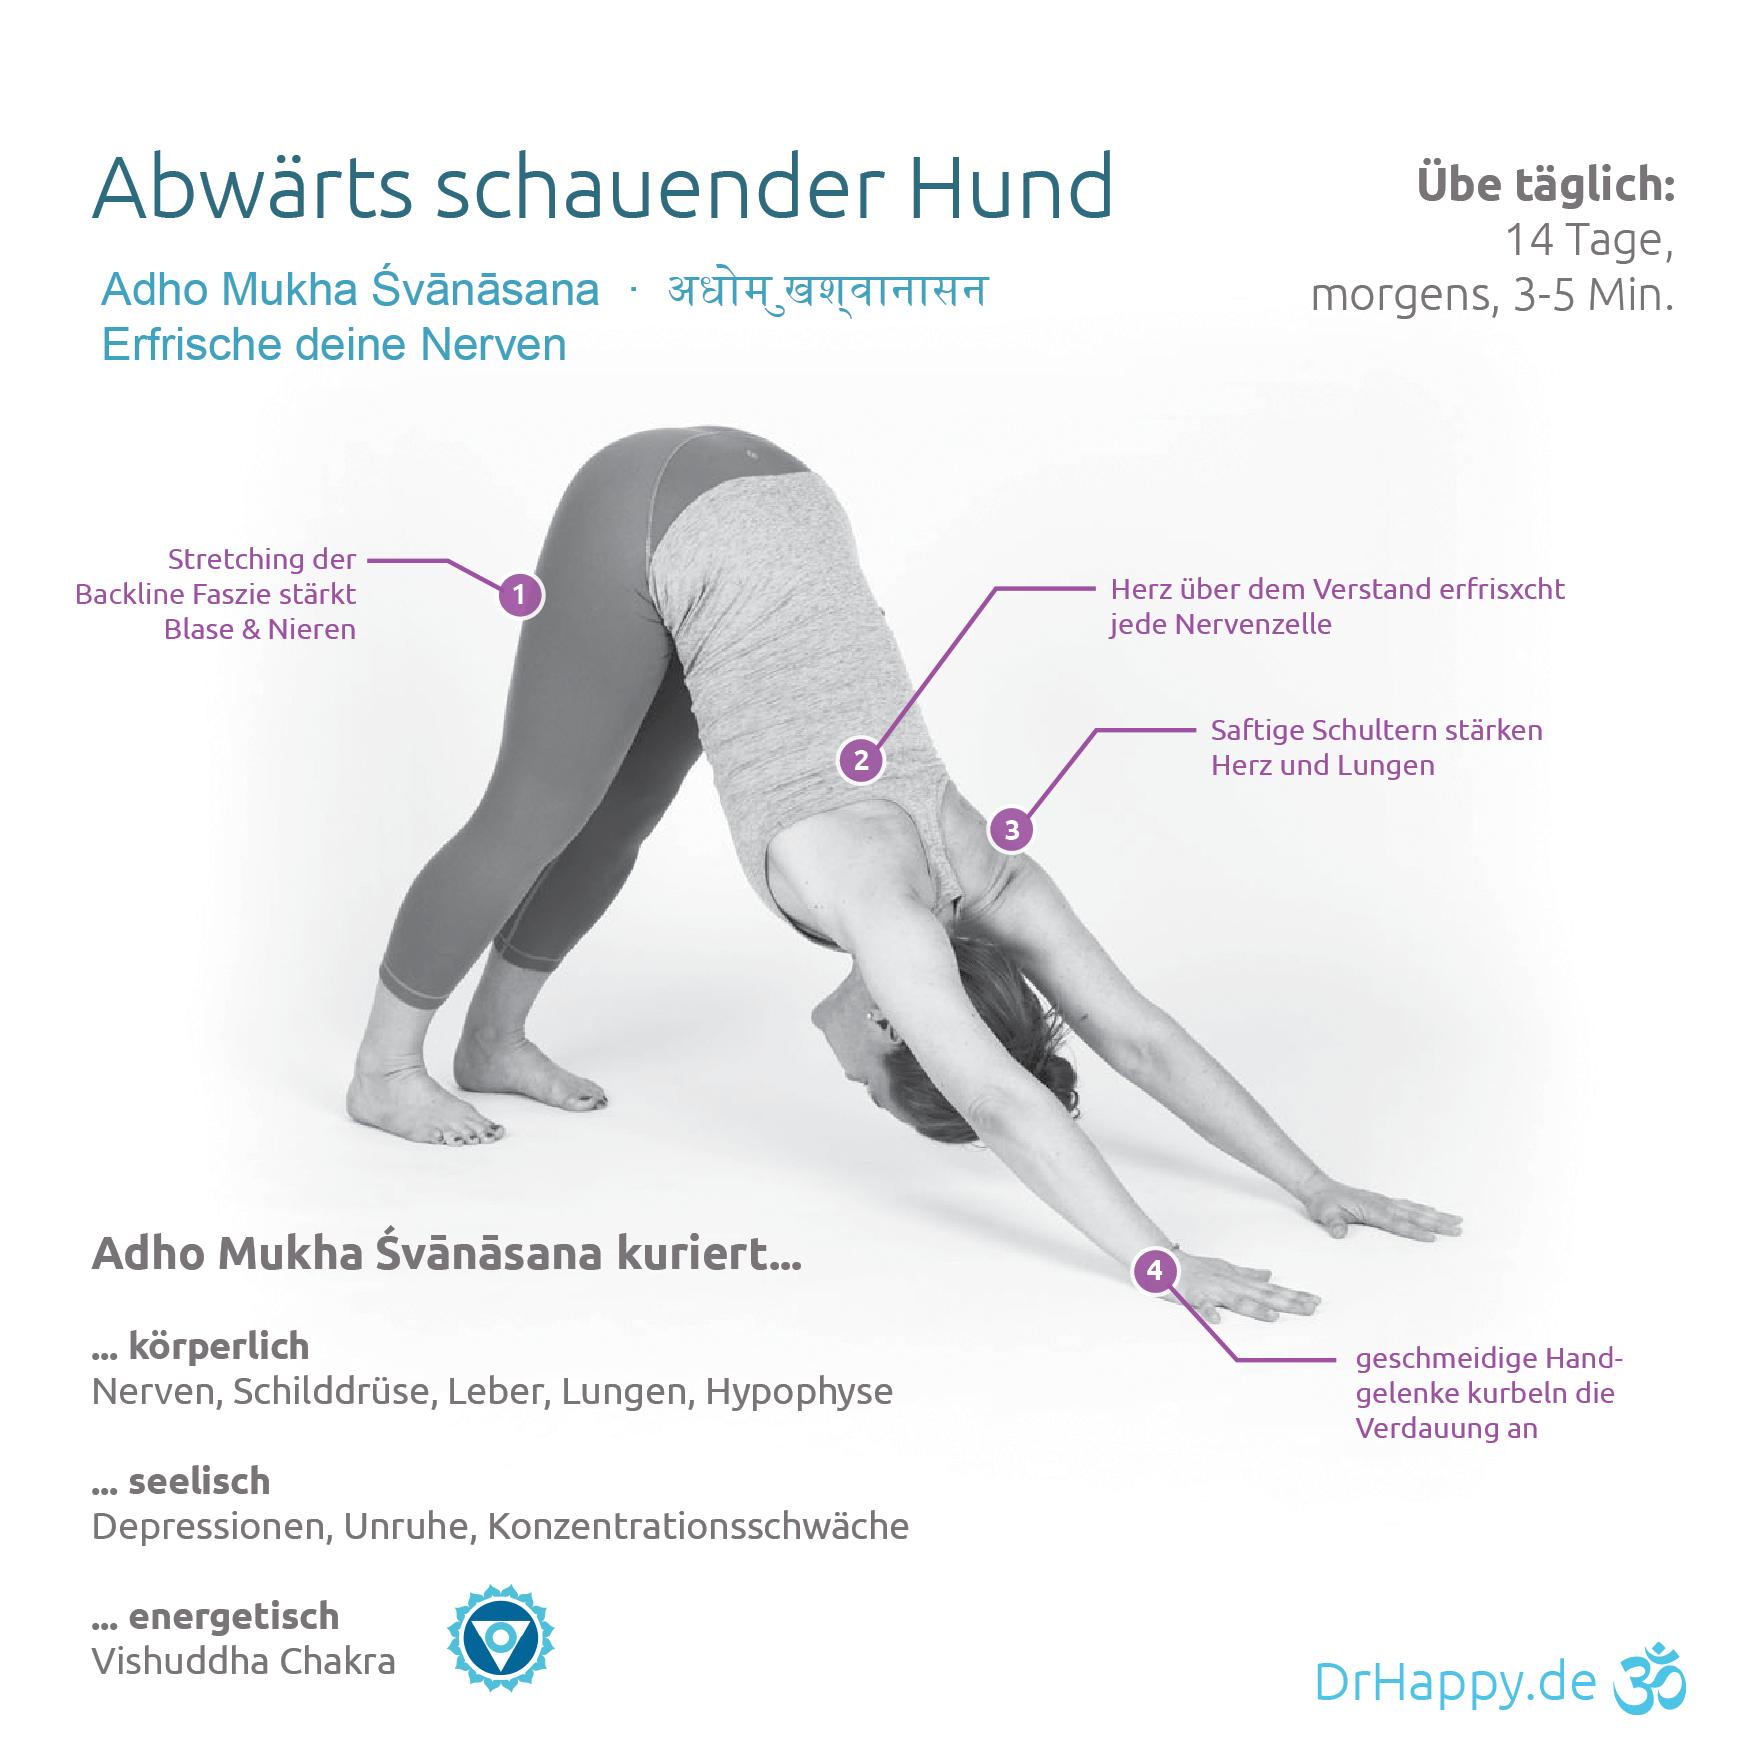 Yogauebung-Abwaertsschauender-Hund-Adho-Mukha-Svanasana